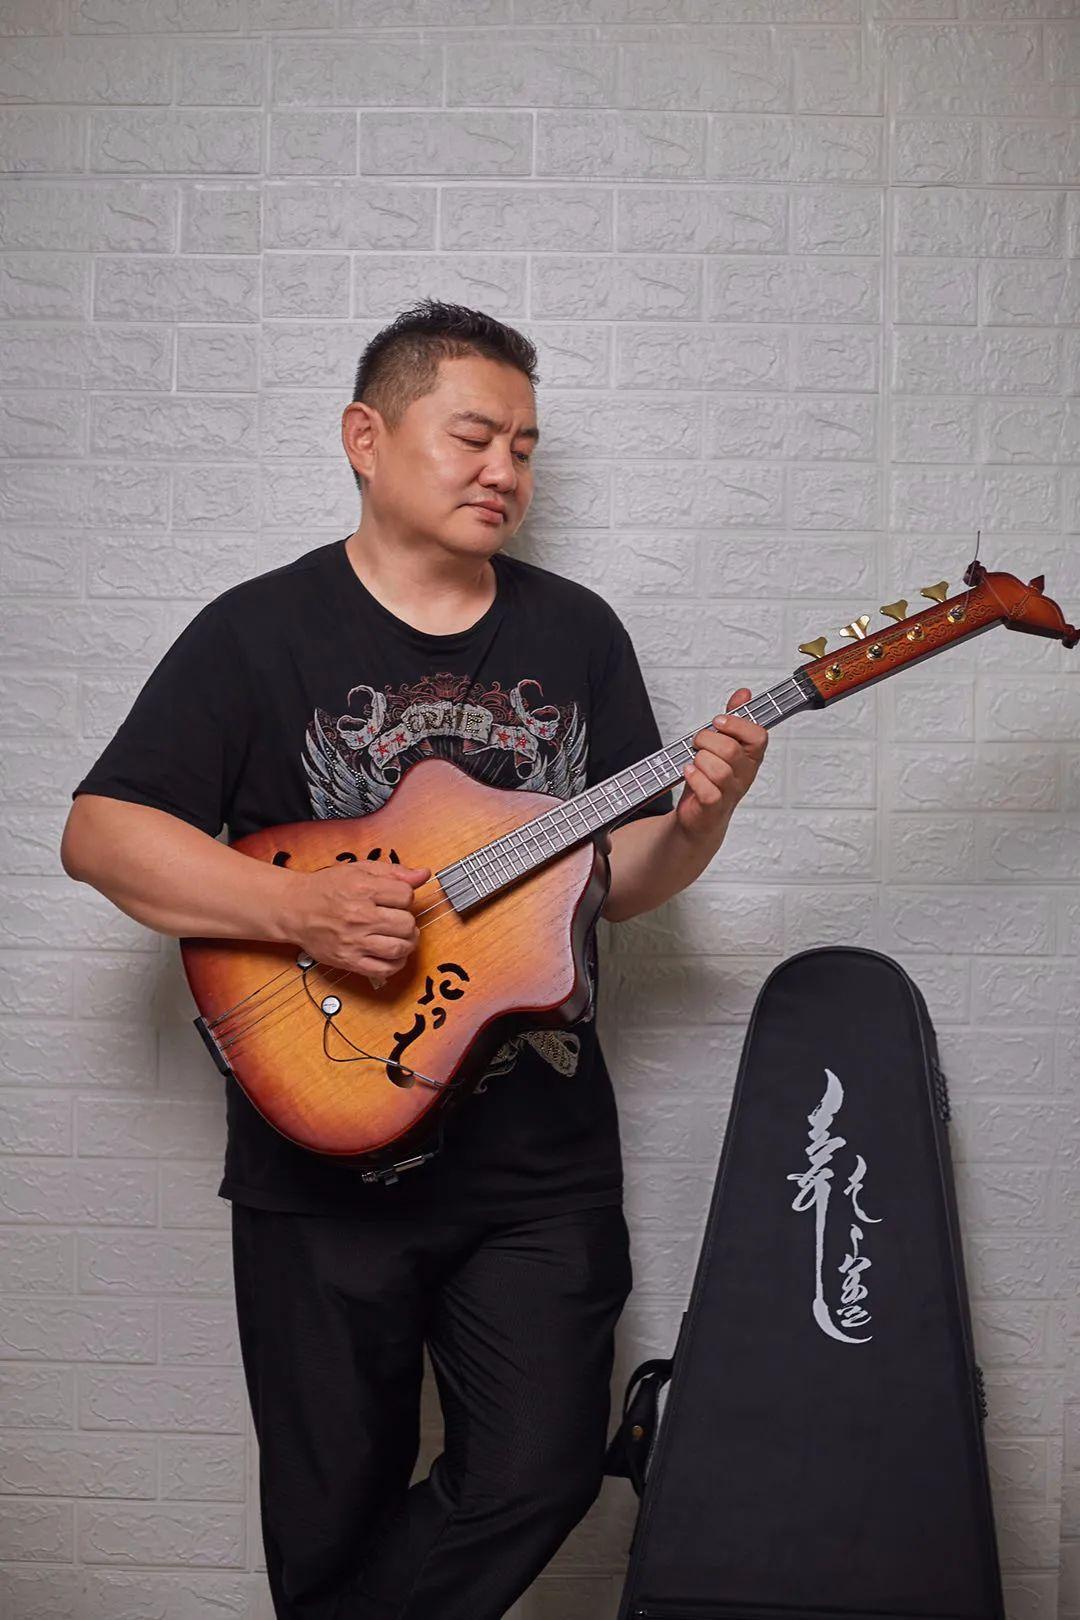 6岁小朋友演唱《永恒的火布斯》,向大家介绍最古老的蒙古族第一弹拨乐器火布斯 第3张 6岁小朋友演唱《永恒的火布斯》,向大家介绍最古老的蒙古族第一弹拨乐器火布斯 蒙古音乐